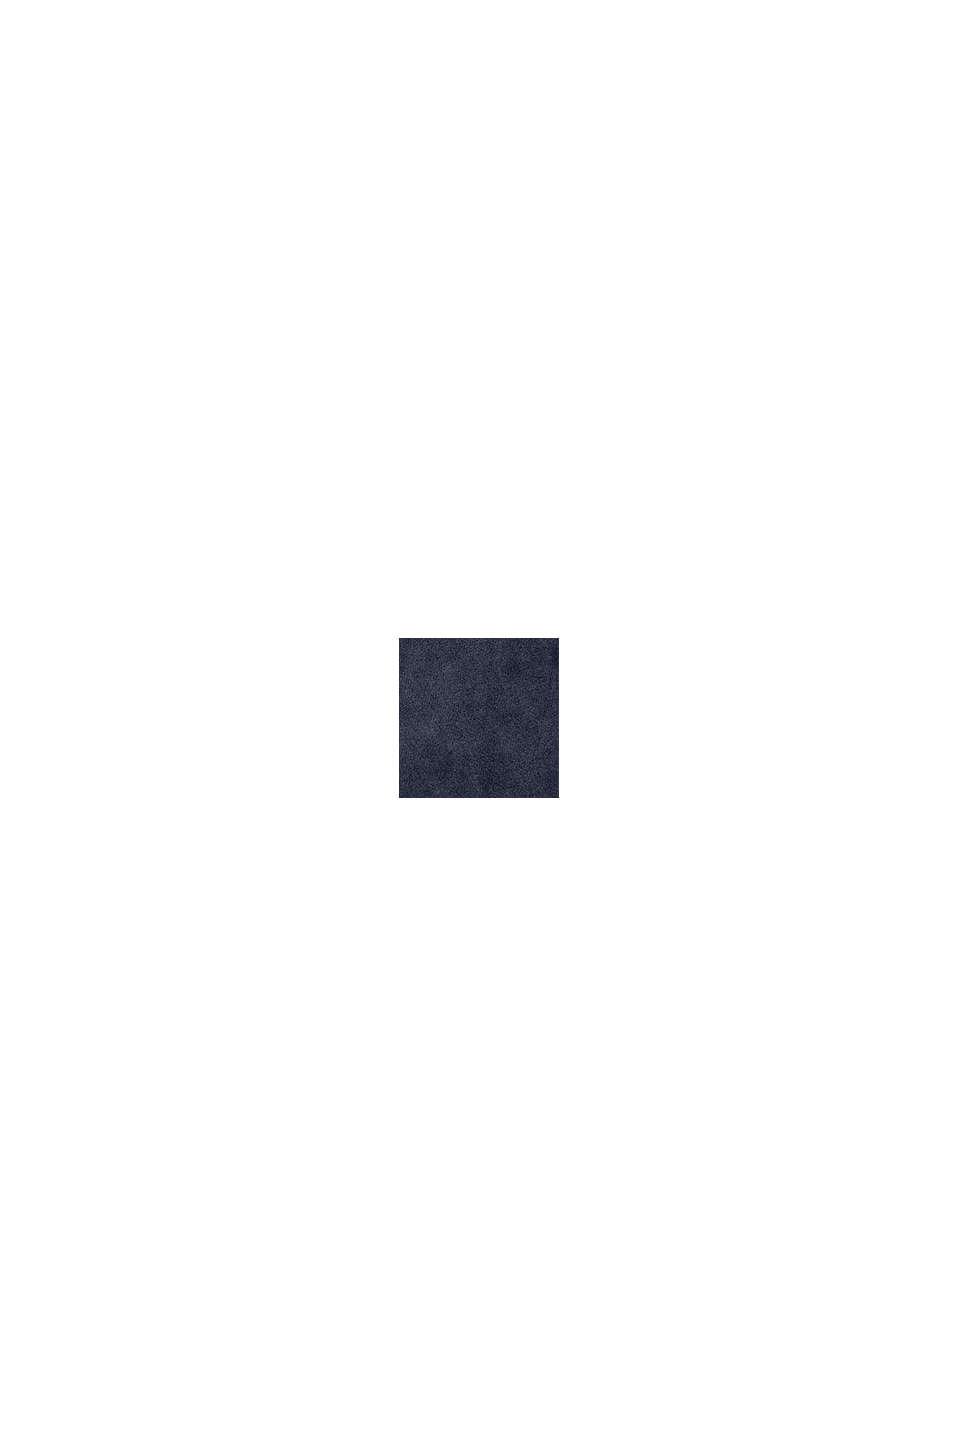 Sweatshirtklänning i 100% bomull, BLUE DARK WASHED, swatch